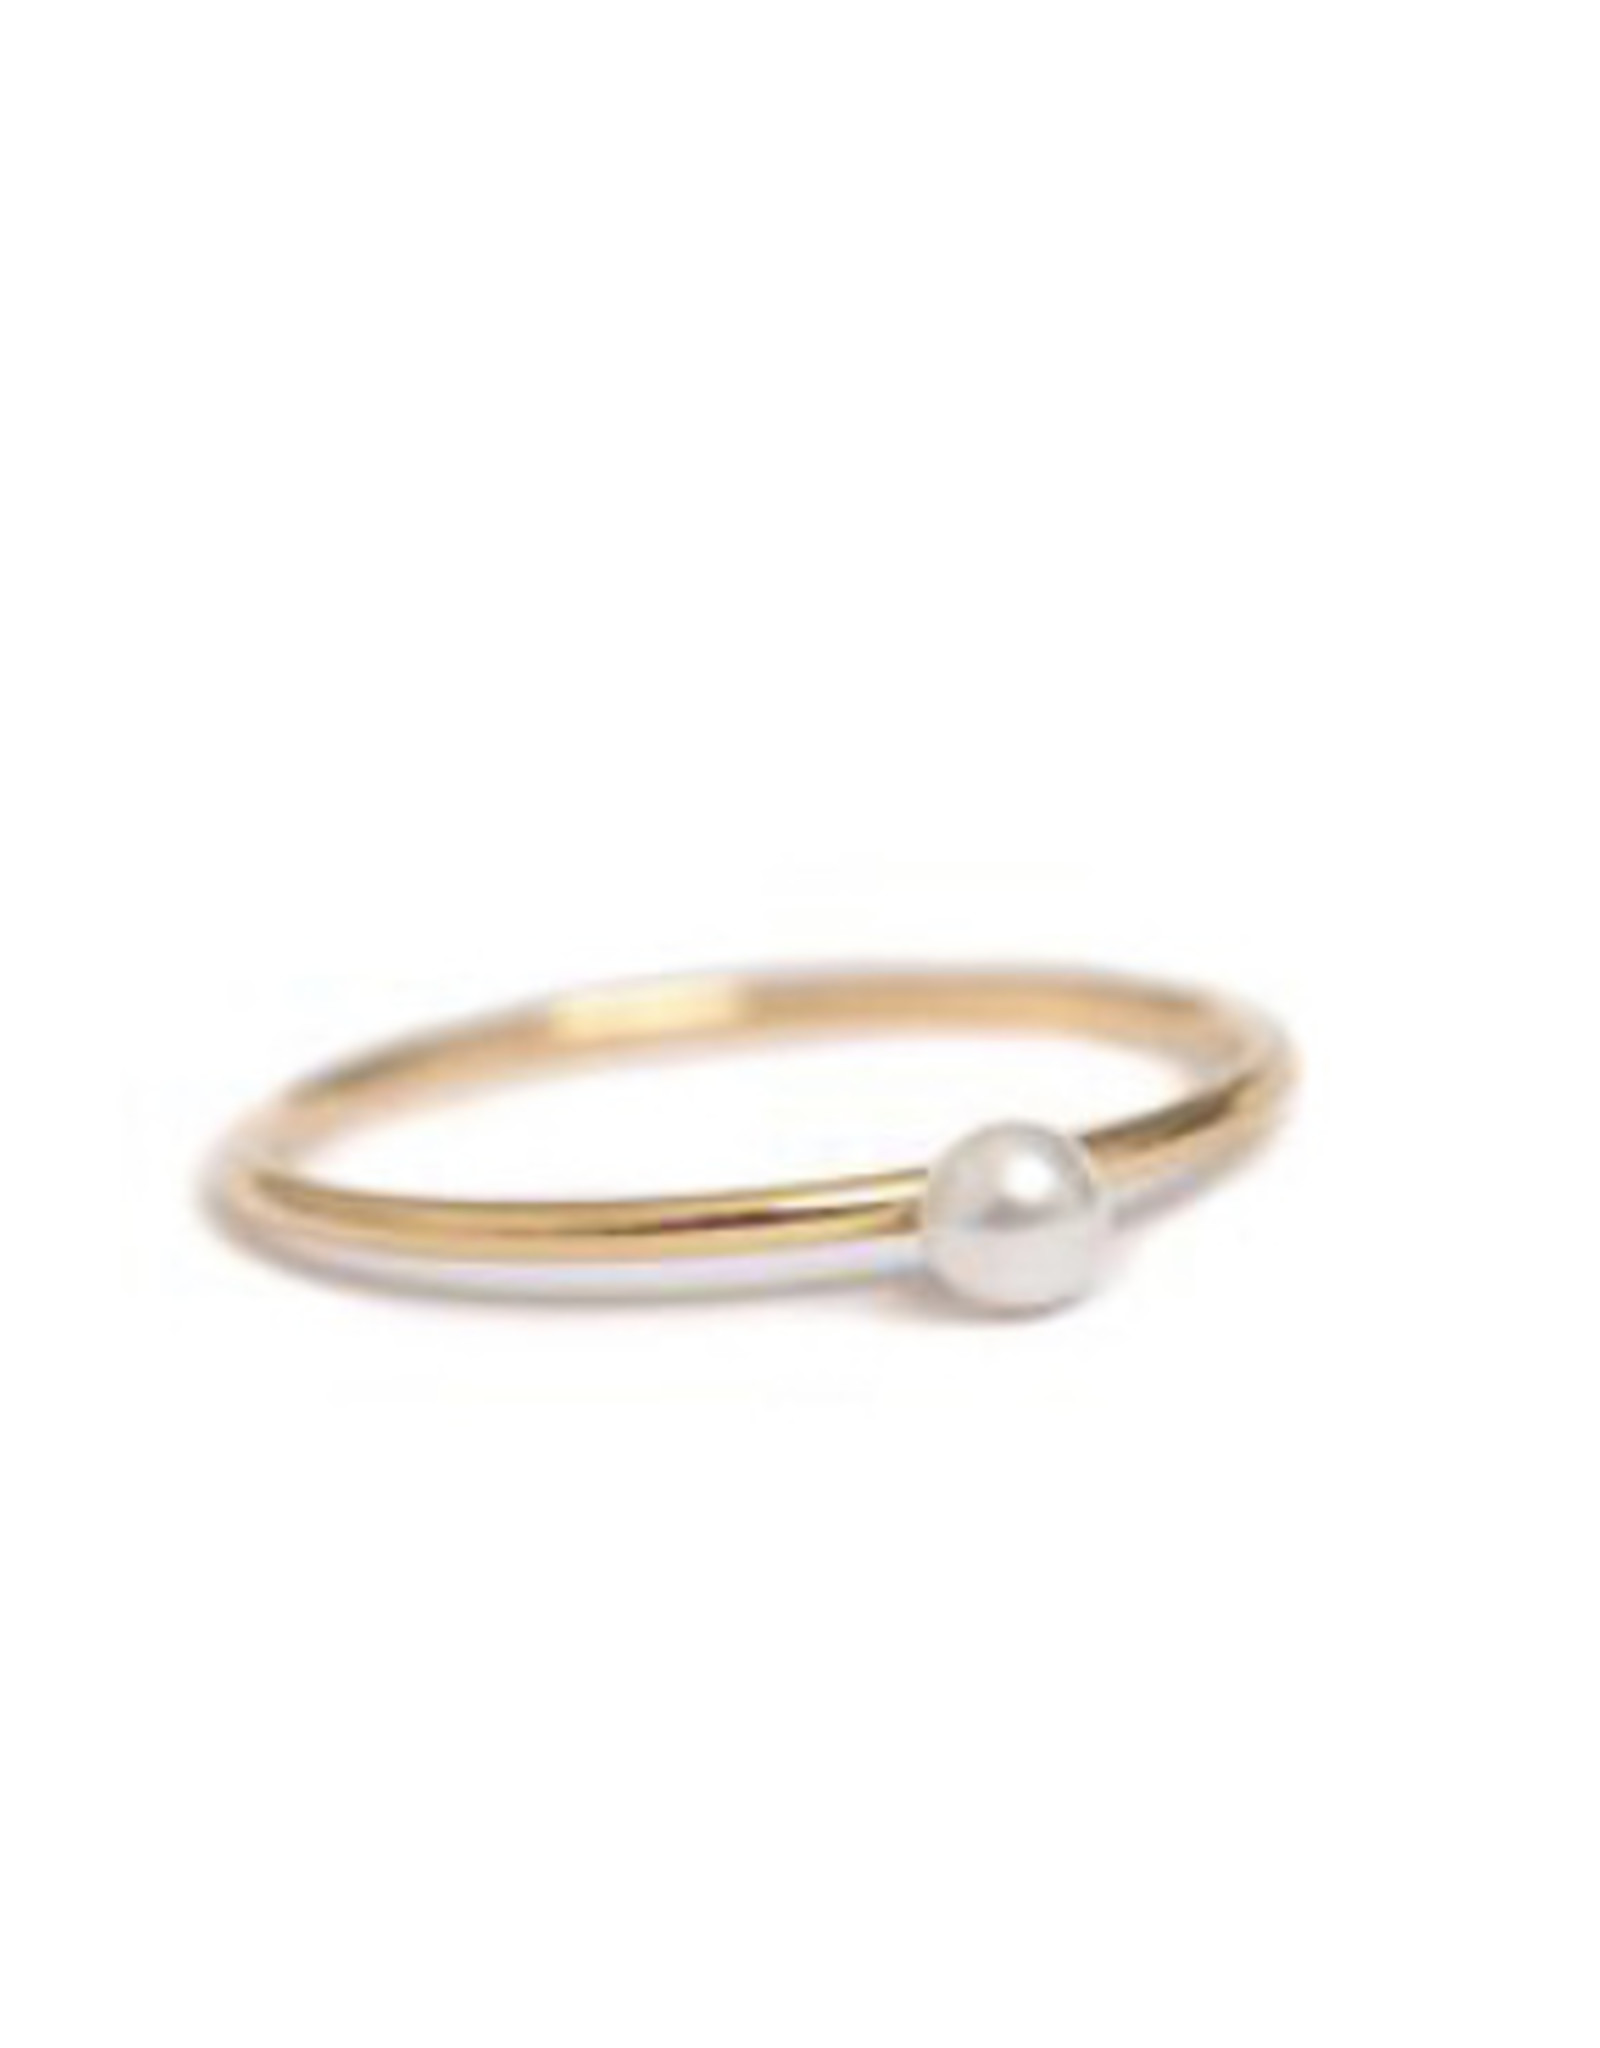 Lisbeth Adalee Ring